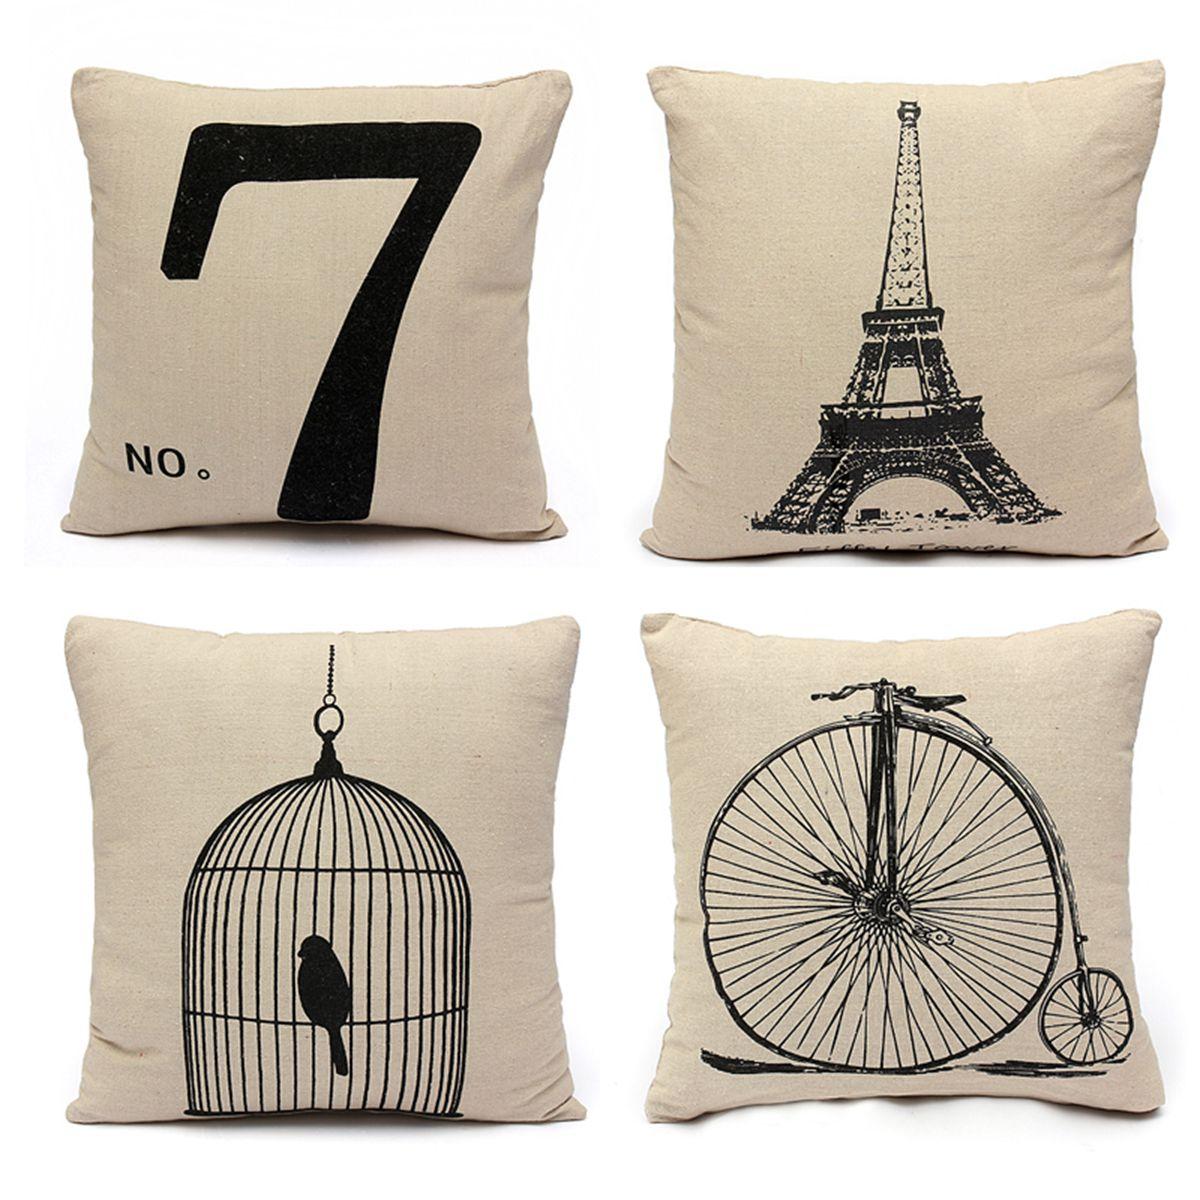 Housse coussin lin canap maison cushion cover 43x43cm lit for Housse divan lit